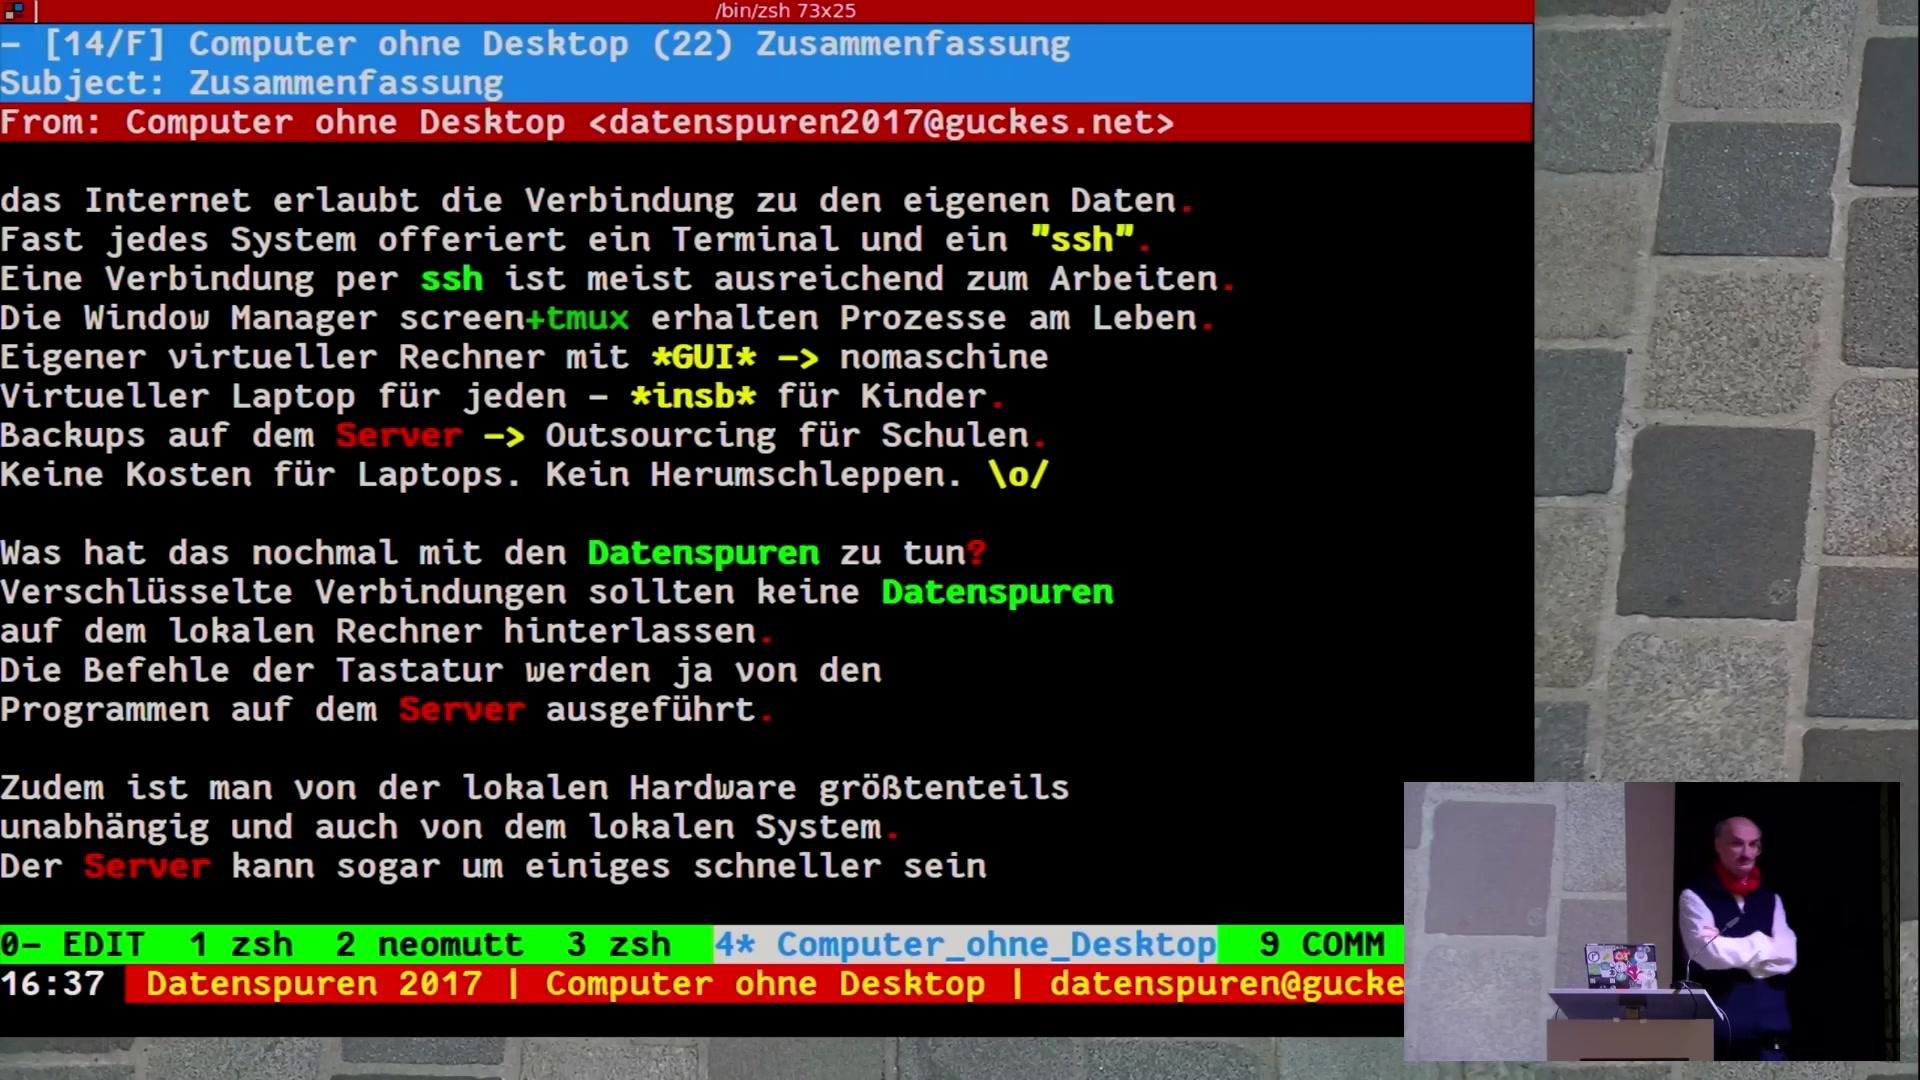 Großartig Software Engineer Lebenslauf Zusammenfassung Der ...